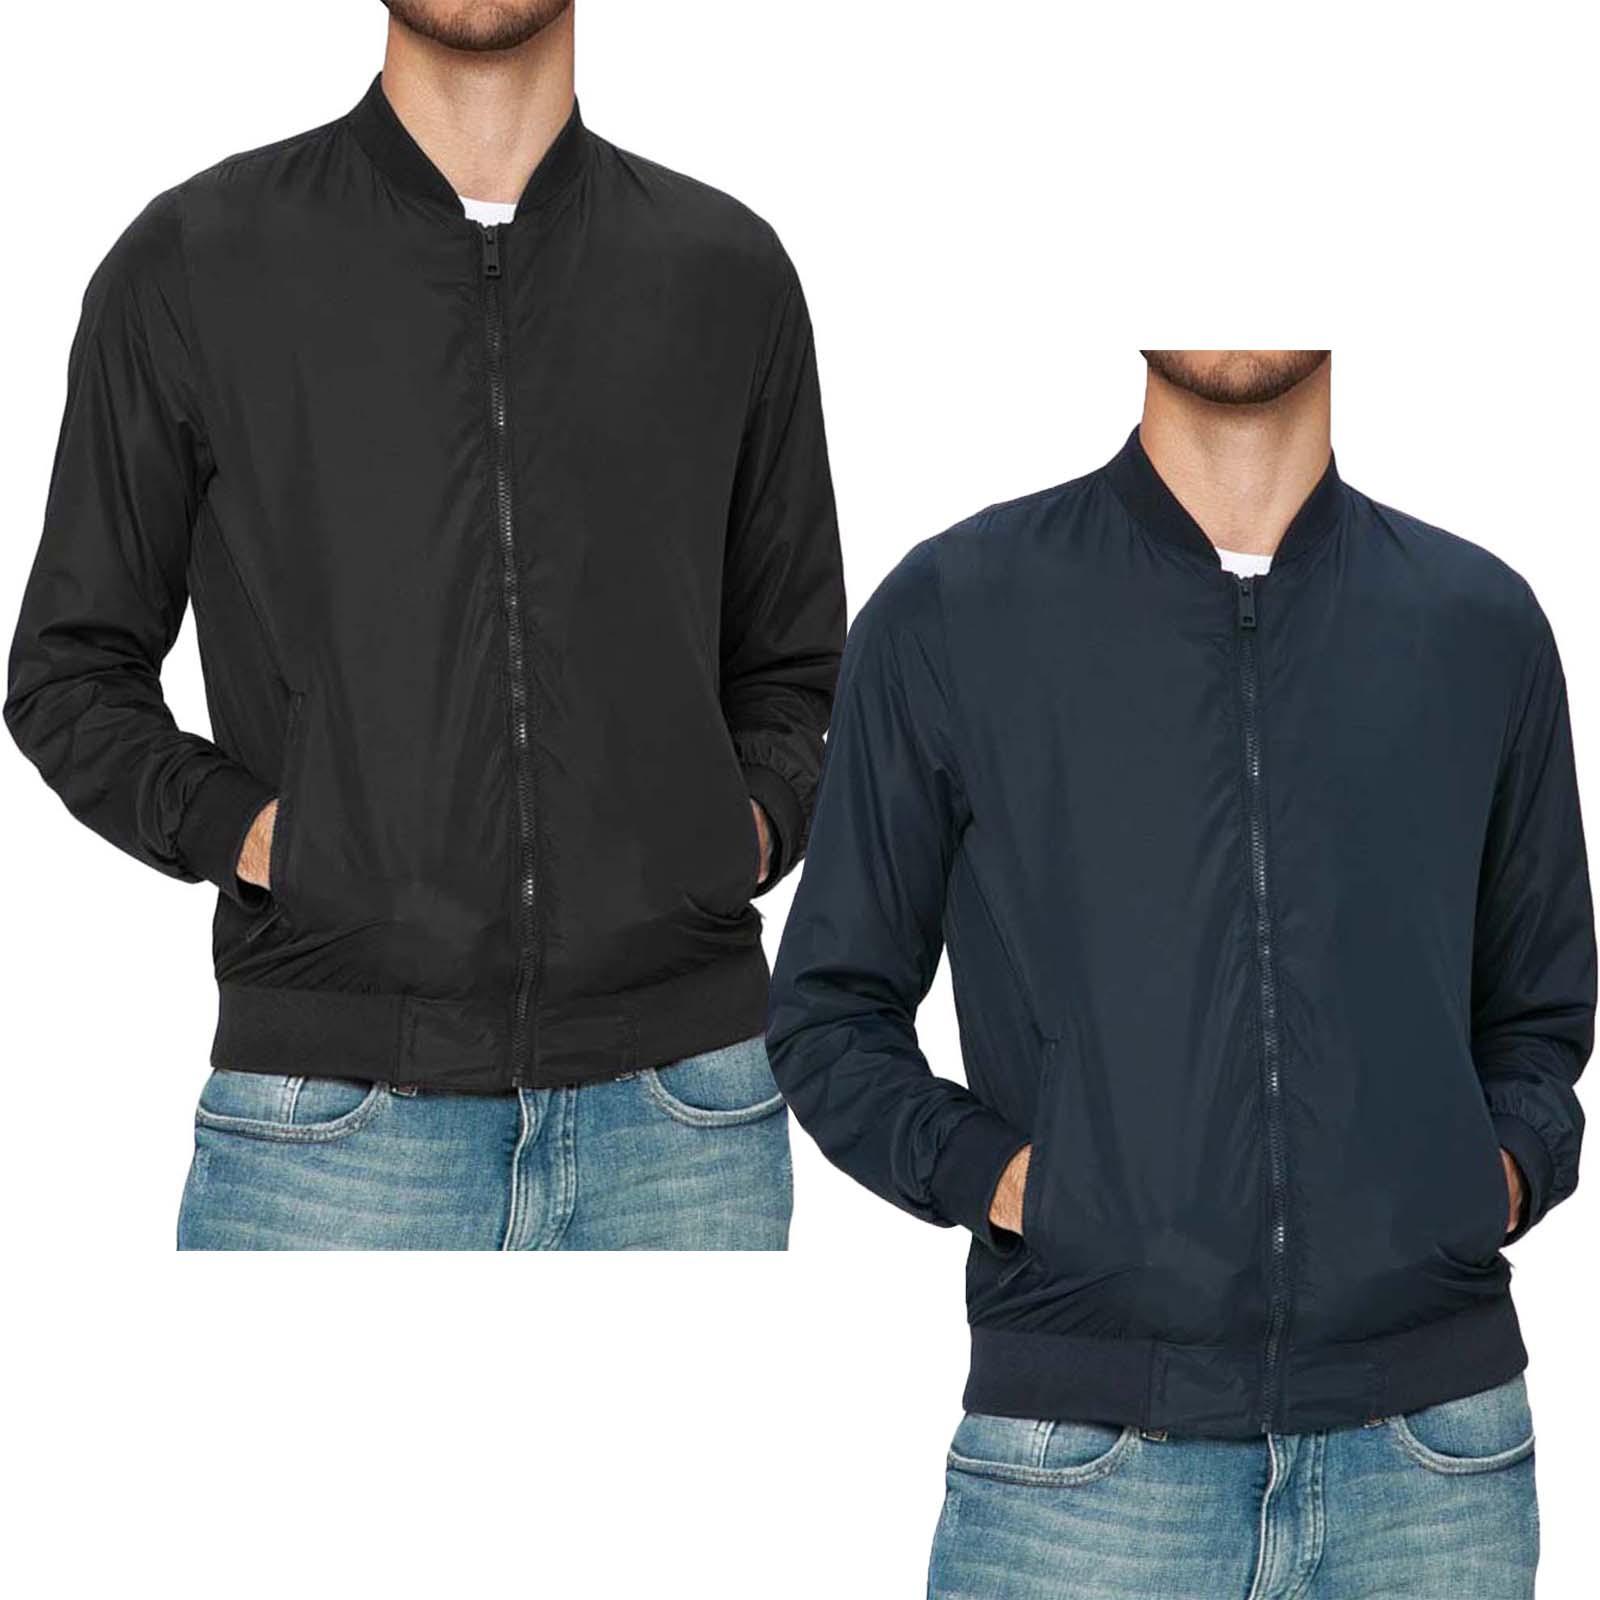 Brave Soul Sanjay Ropa Chaqueta Hombre Otras marcas de ropa